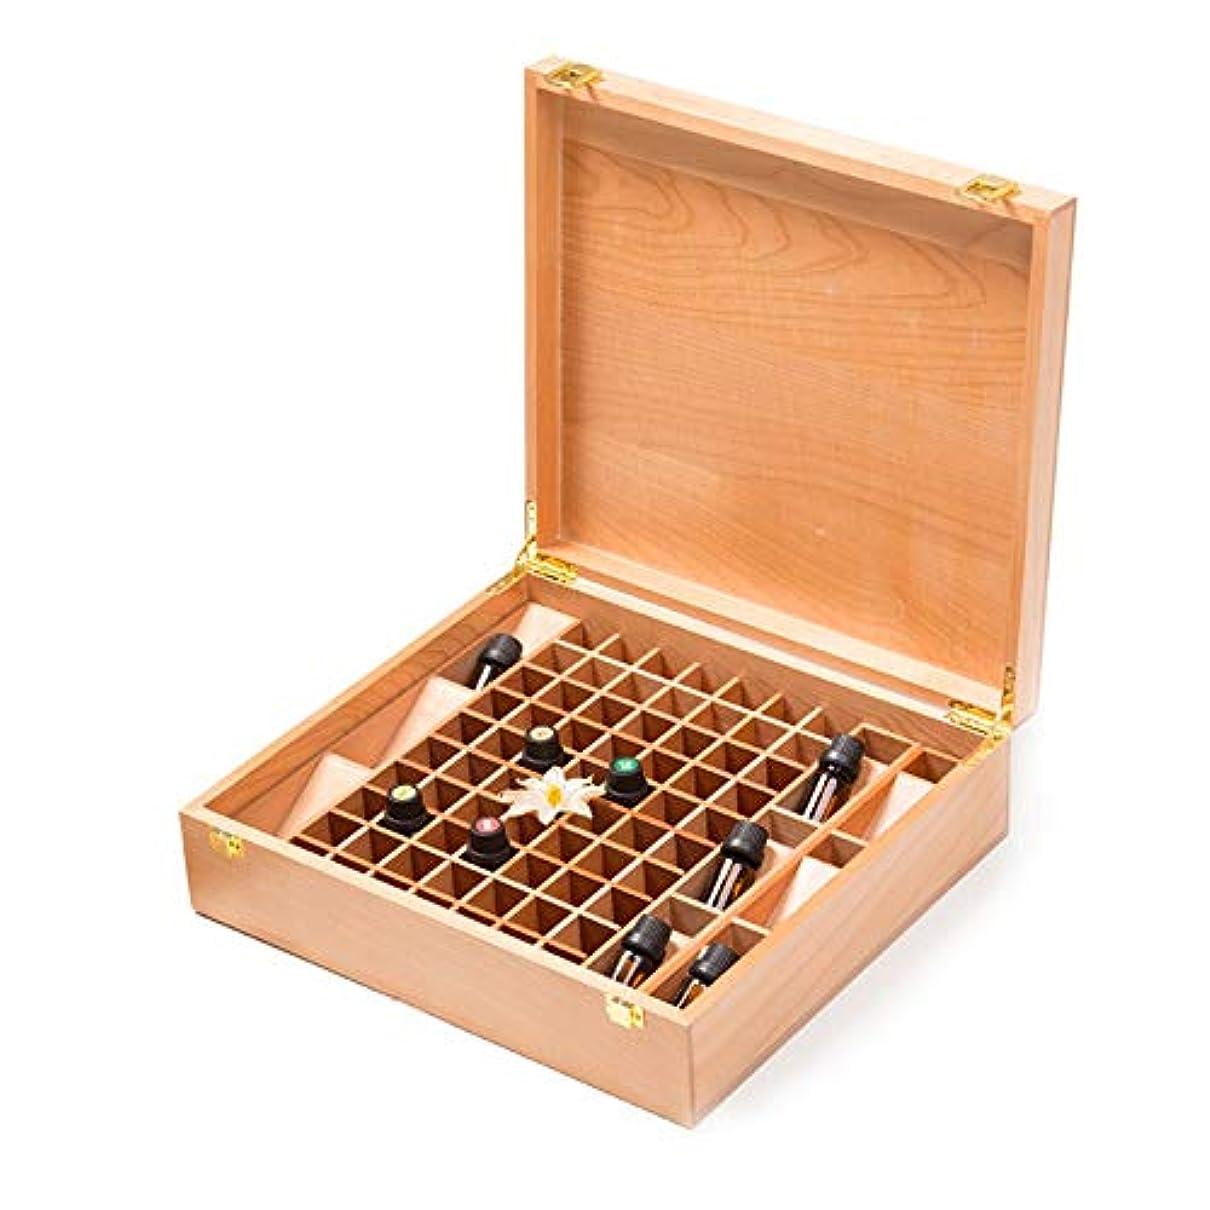 シロクマ予感バットエッセンシャルオイルボックス 70オイル手作りの木製の精油収納ボックス完璧なカートン アロマセラピー収納ボックス (色 : Natural, サイズ : 44X31.5X10.5CM)